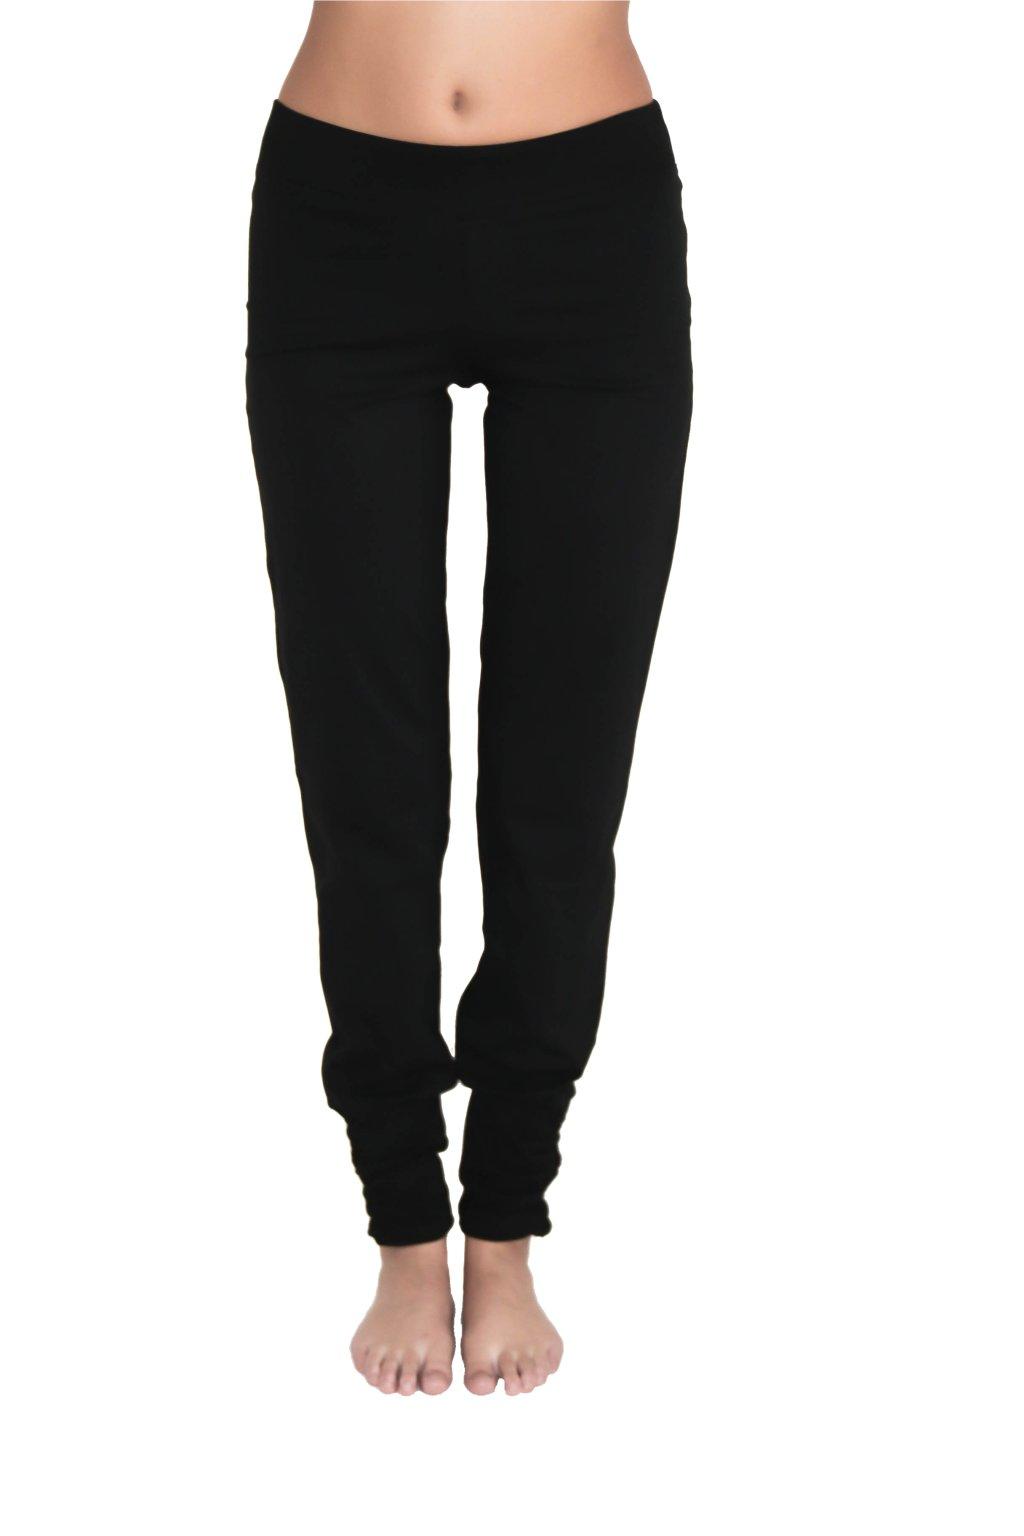 Kalhoty na jógu - černé (Velikost L)